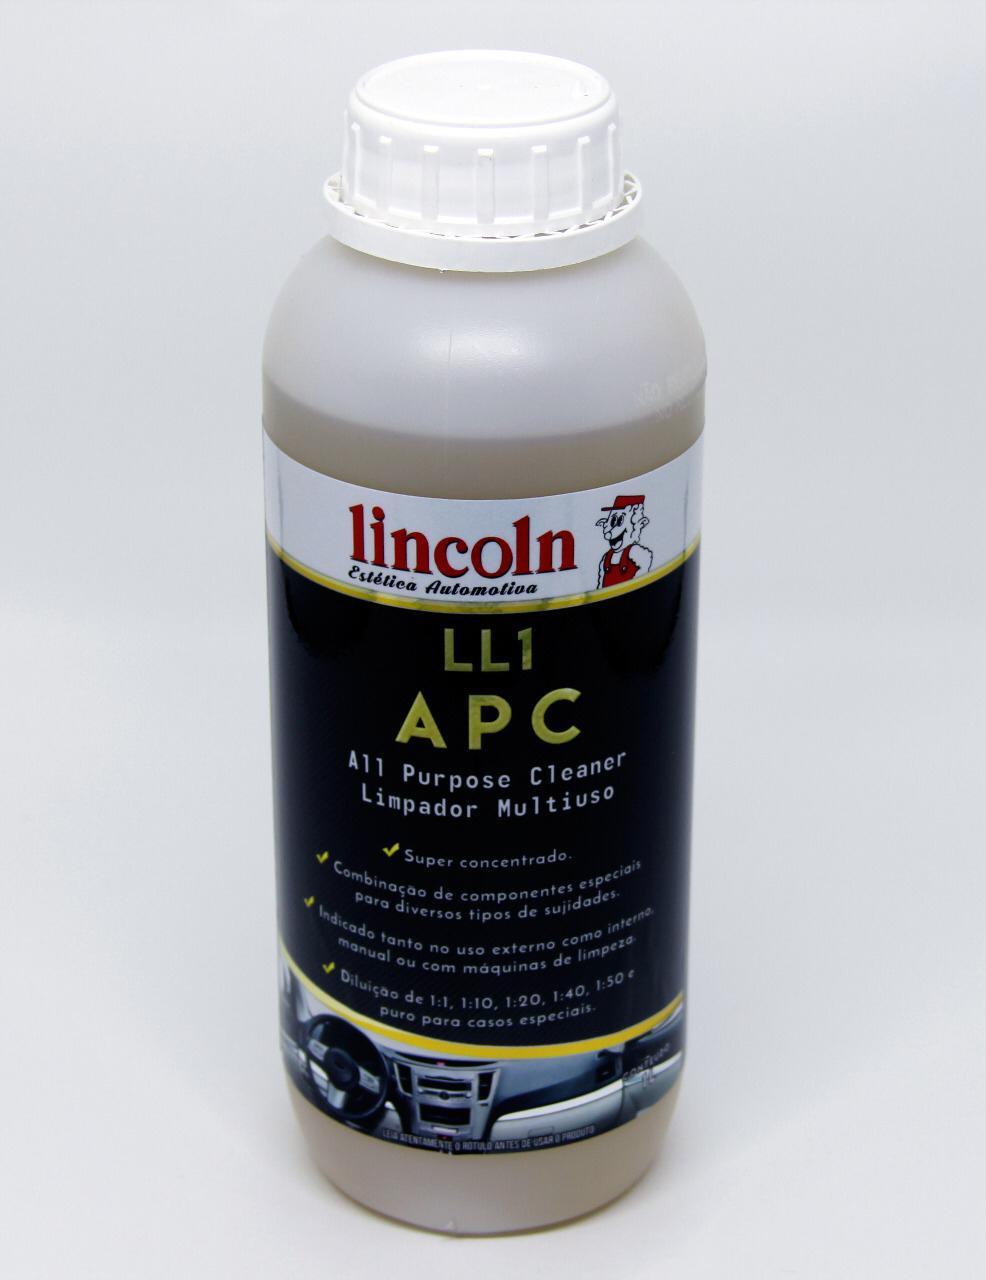 Limpador APC MultiUso LL1 LINCOLN 1L